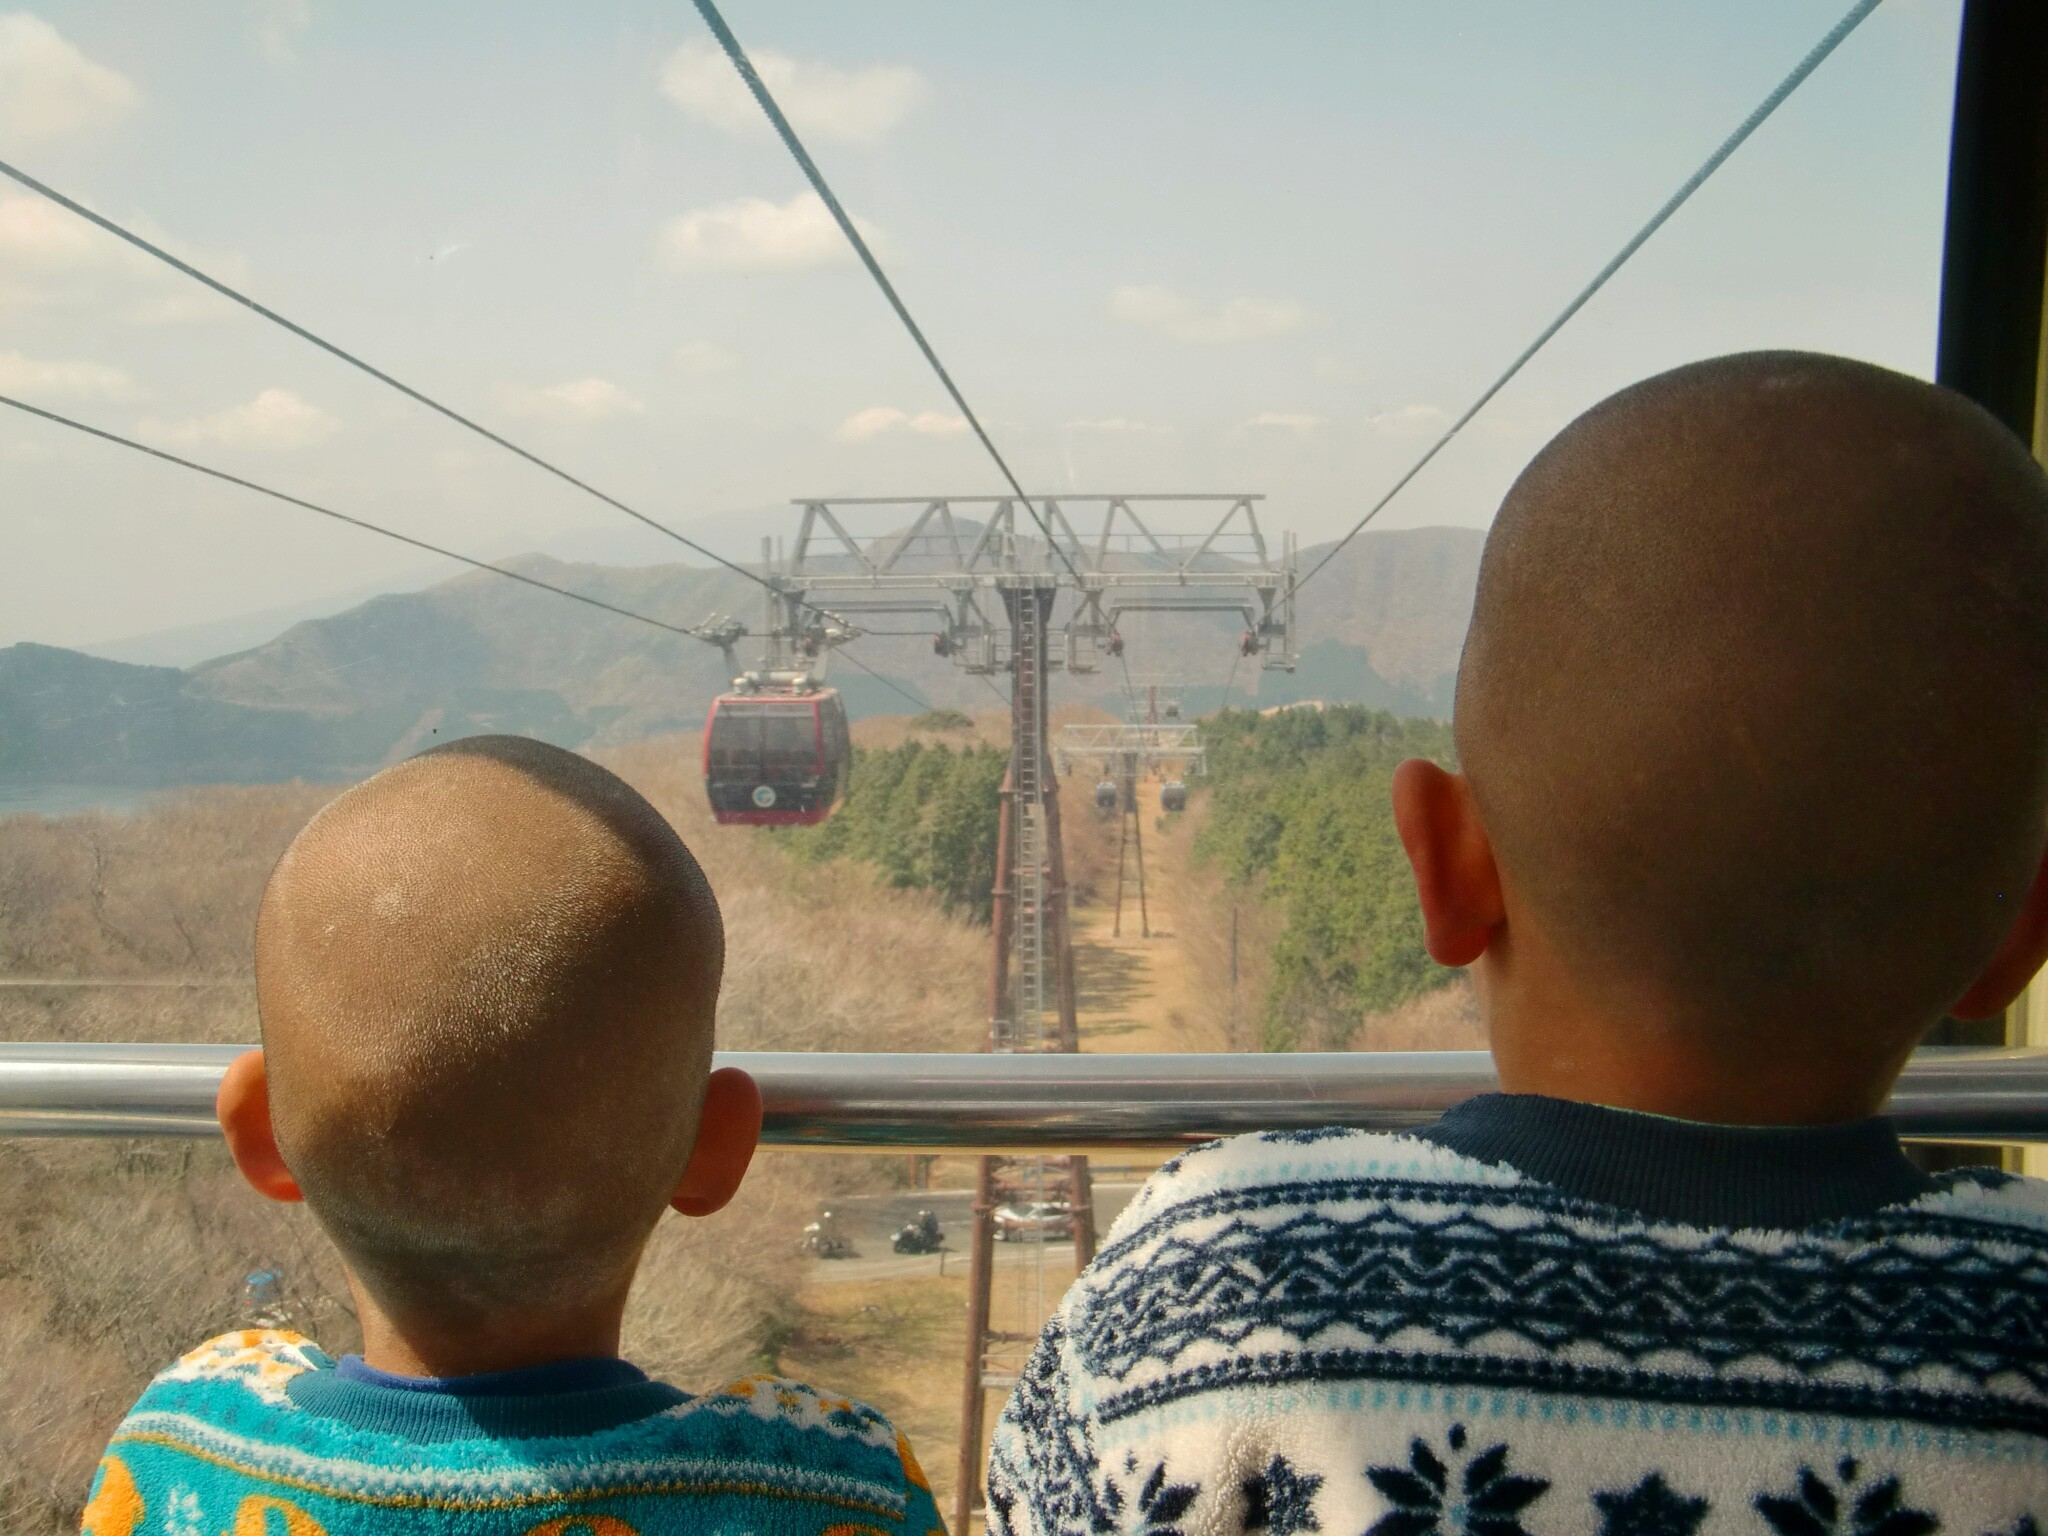 箱根ロープウェイ 進行方向の前面がおすすめ